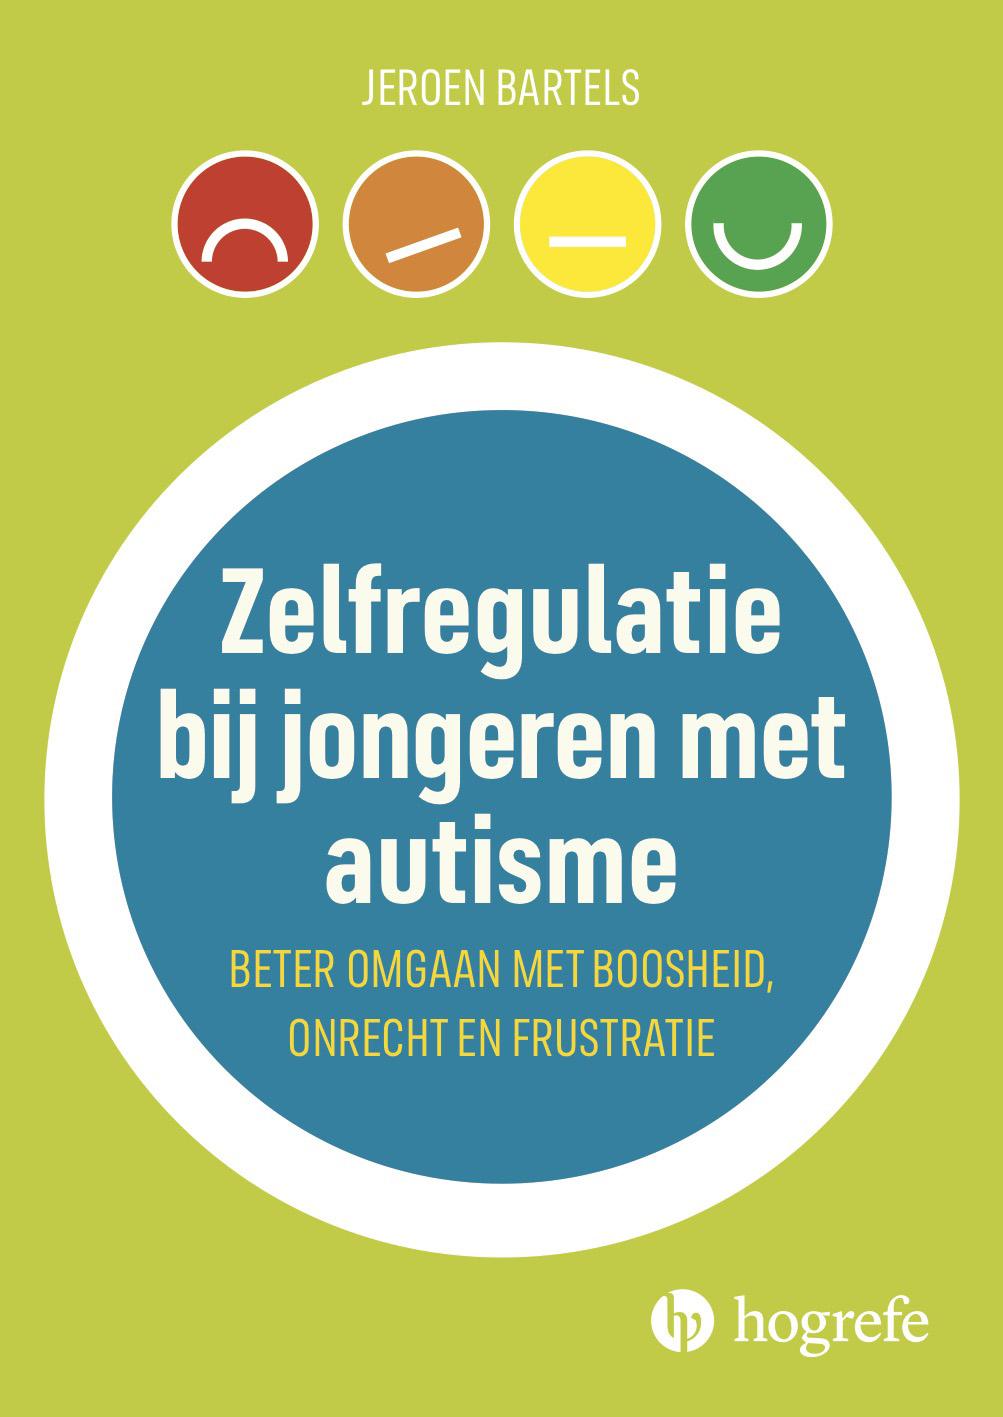 Zelfcontrole bij volwassenen met autisme - Jeroen Bartels